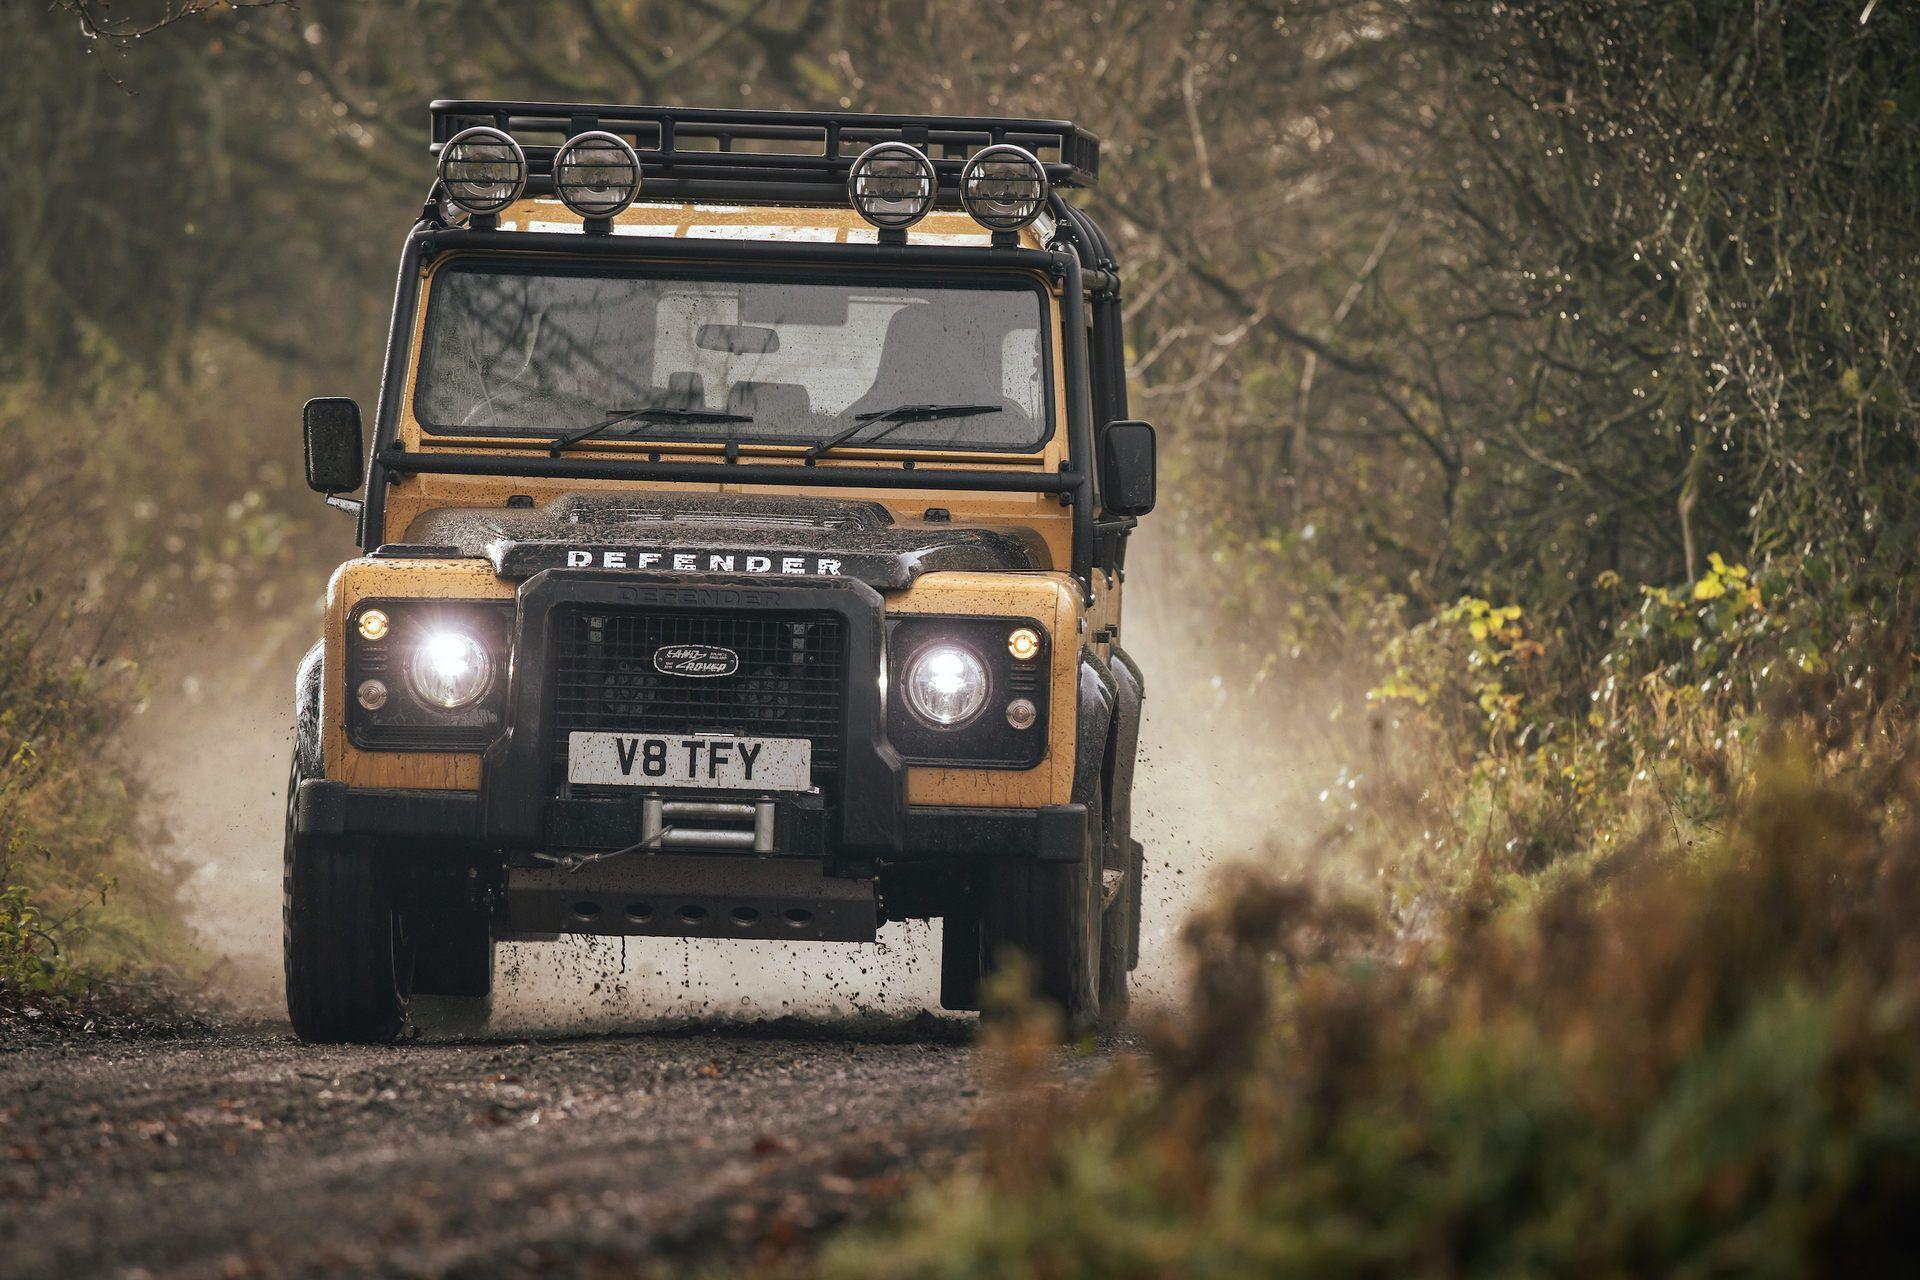 Land-Rover-Defender-Works-V8-Trophy-15